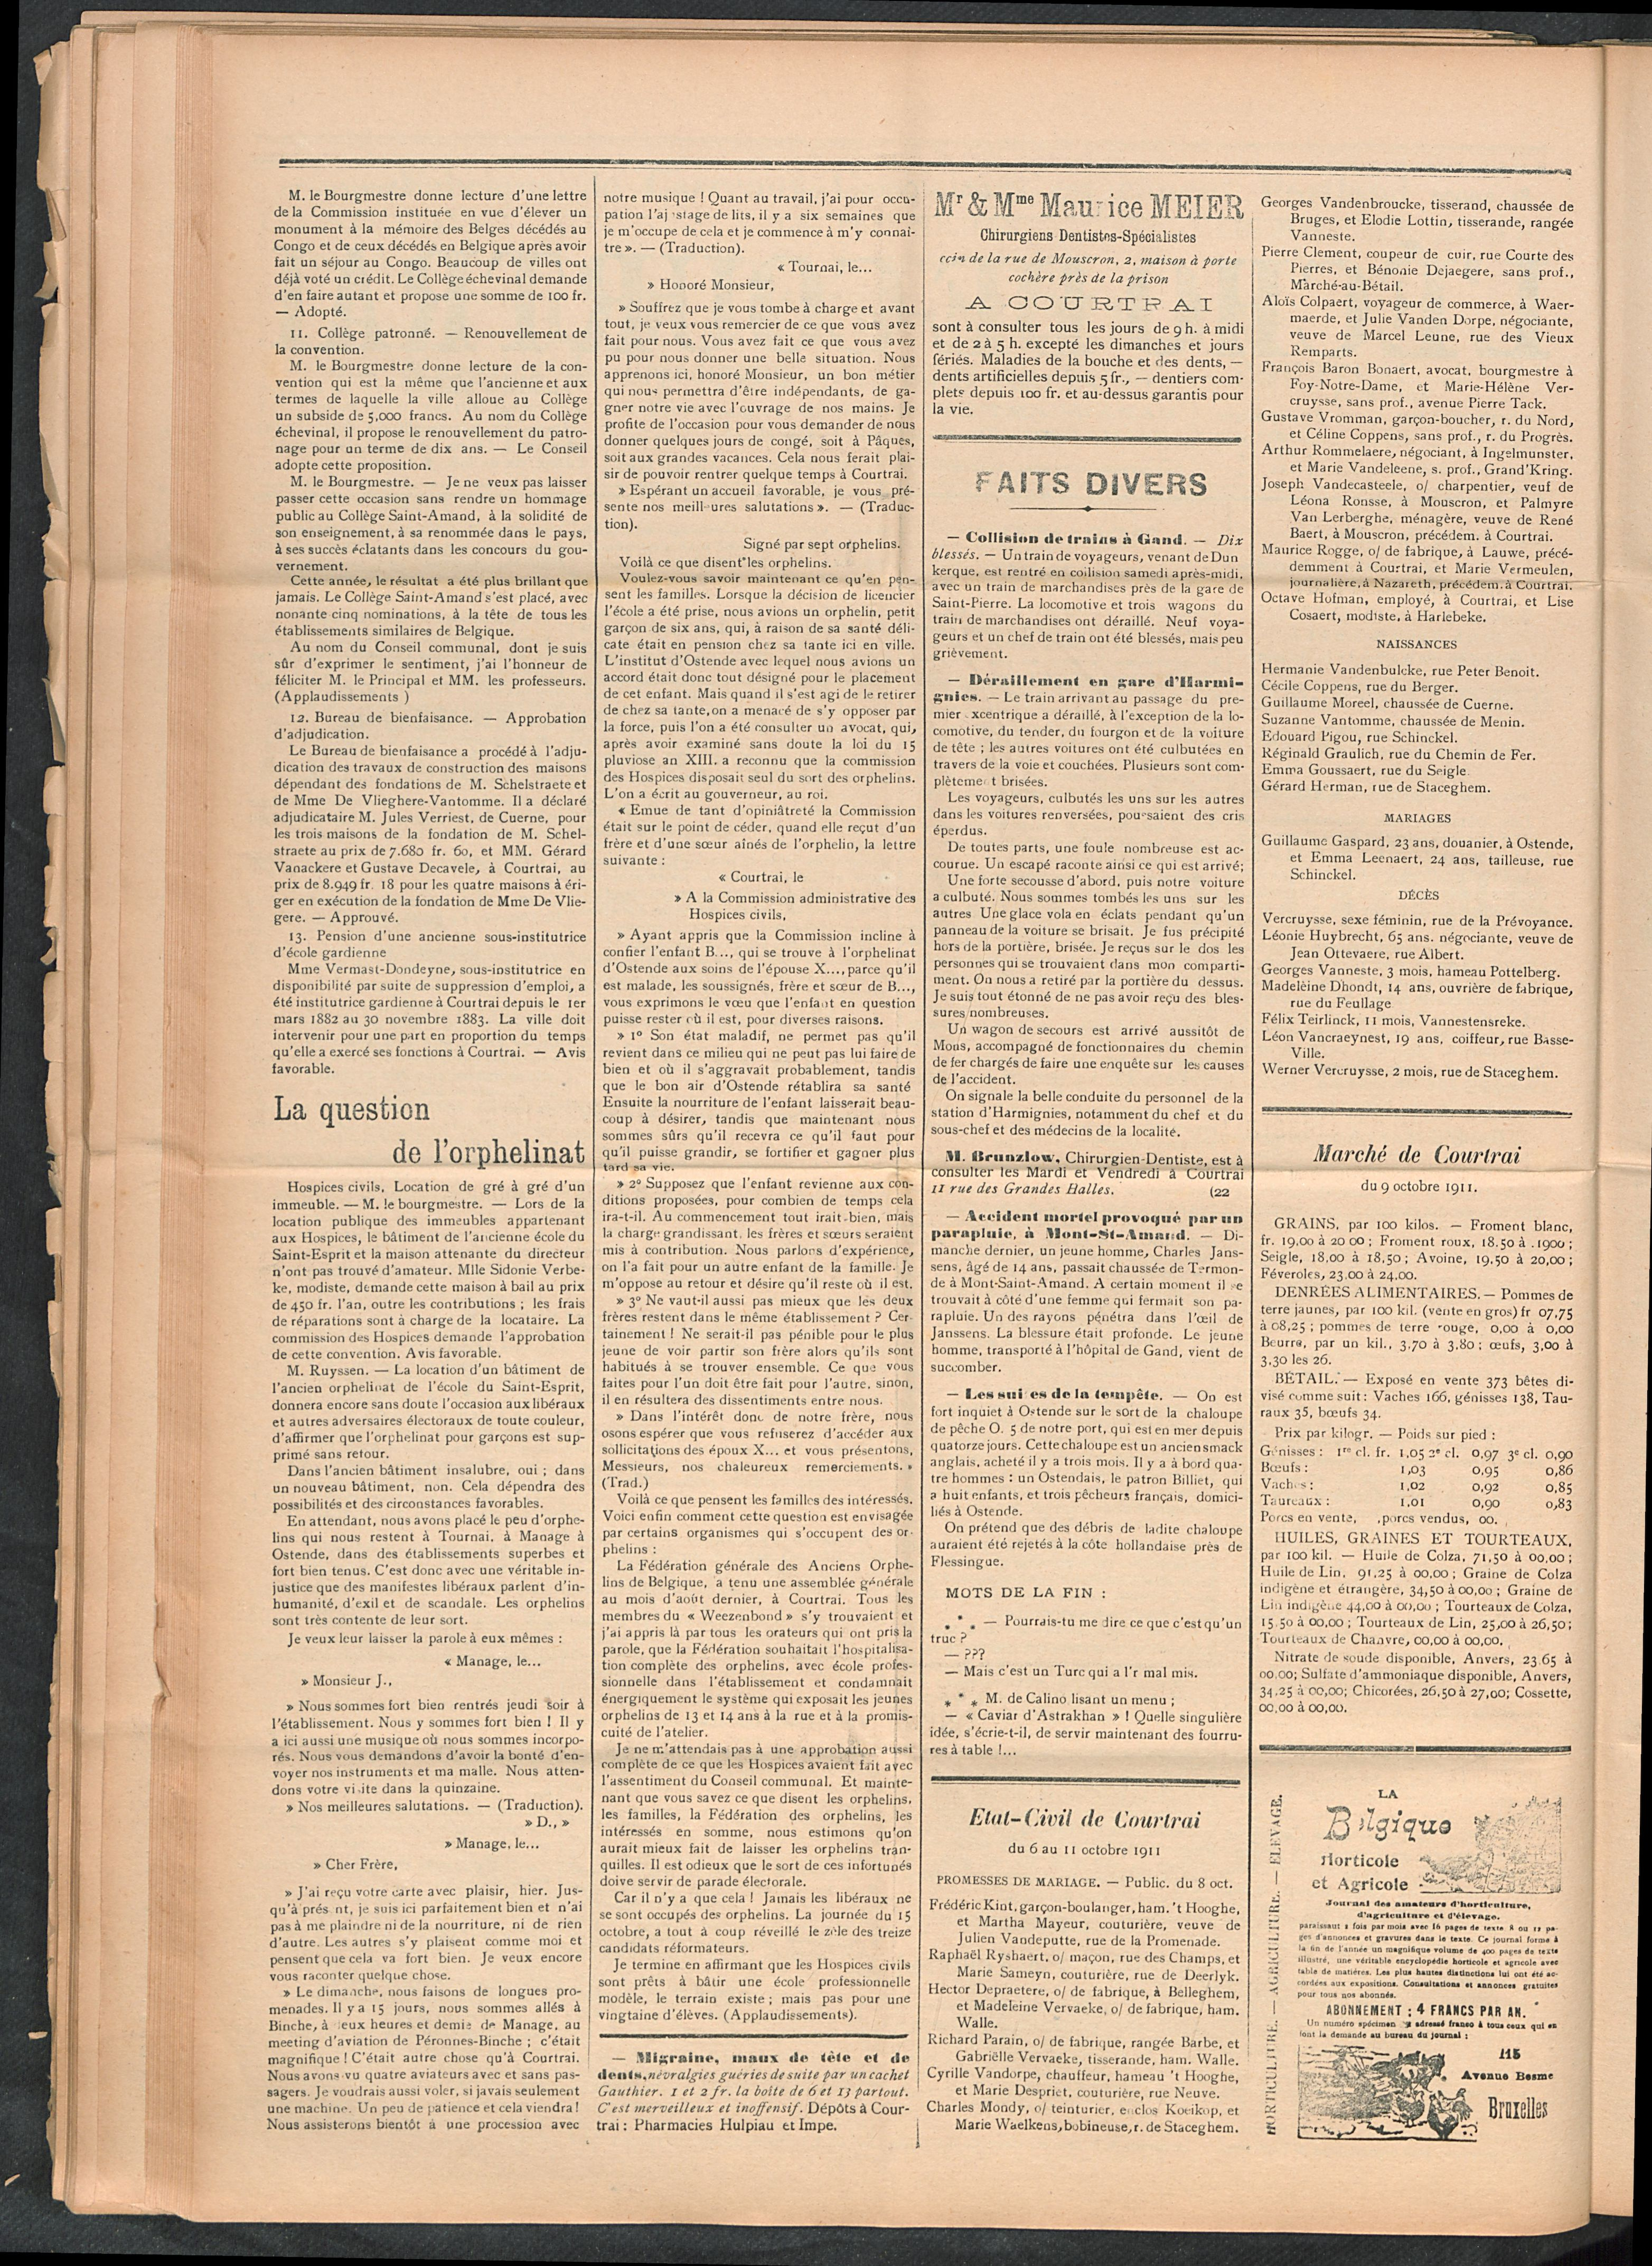 L'echo De Courtrai 1911-10-12 p2